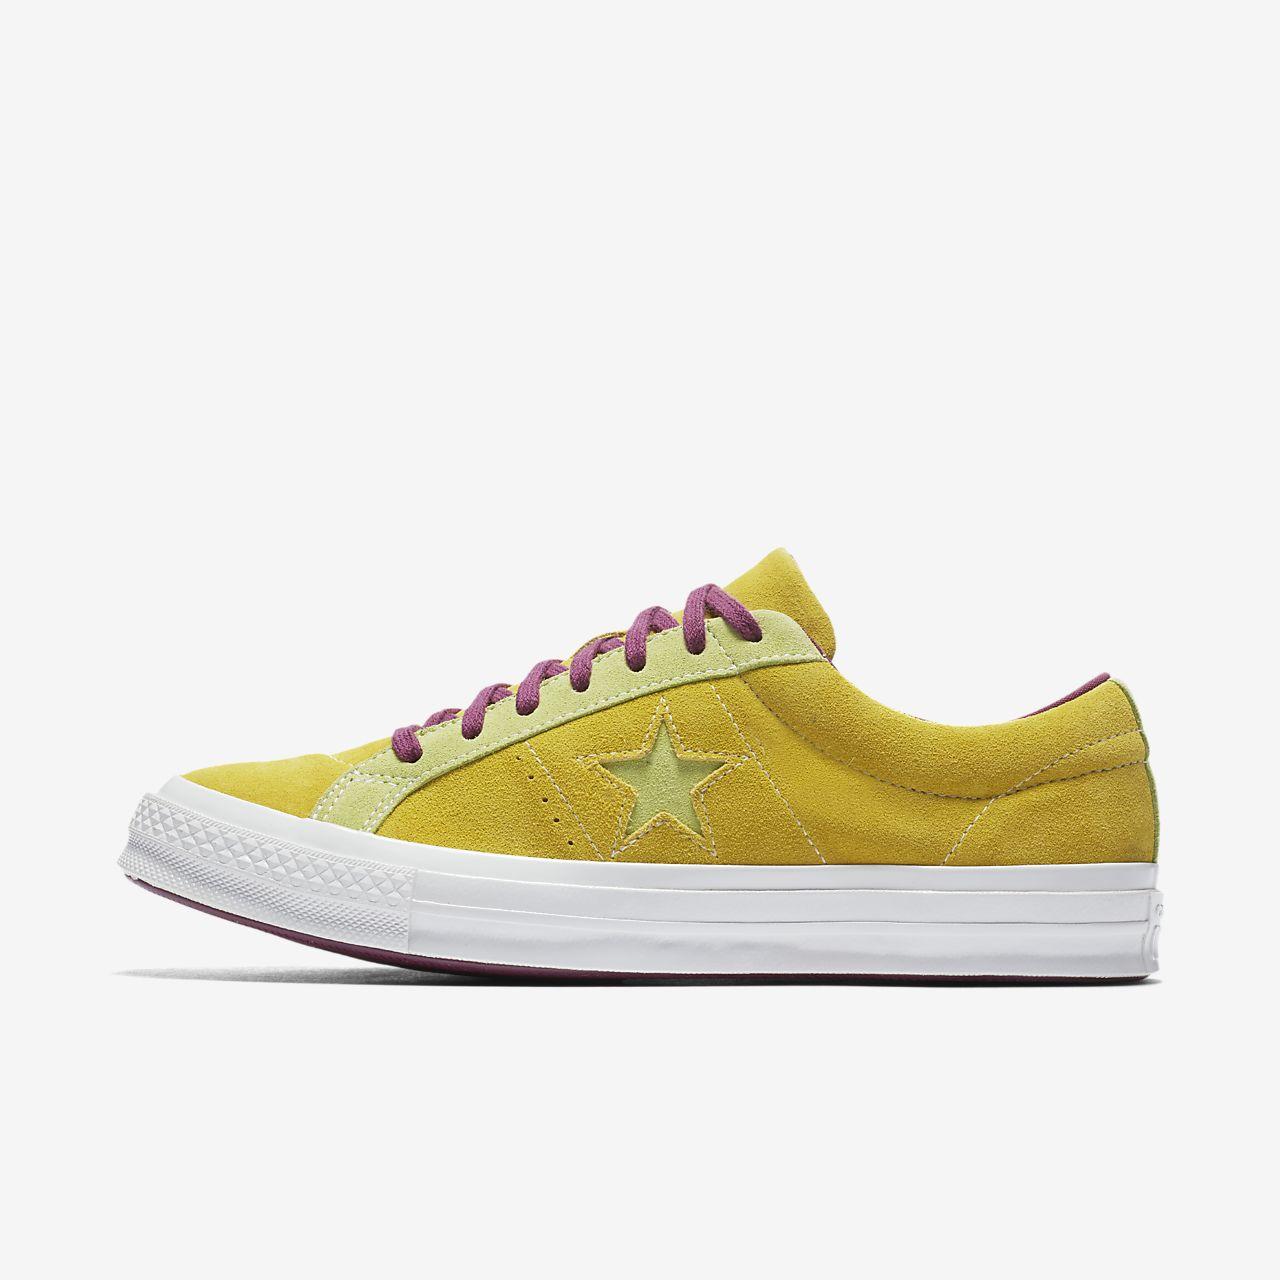 d56fce955c converse-one-star-carnival-low-top-unisex-shoe-vmLTNJ.jpg